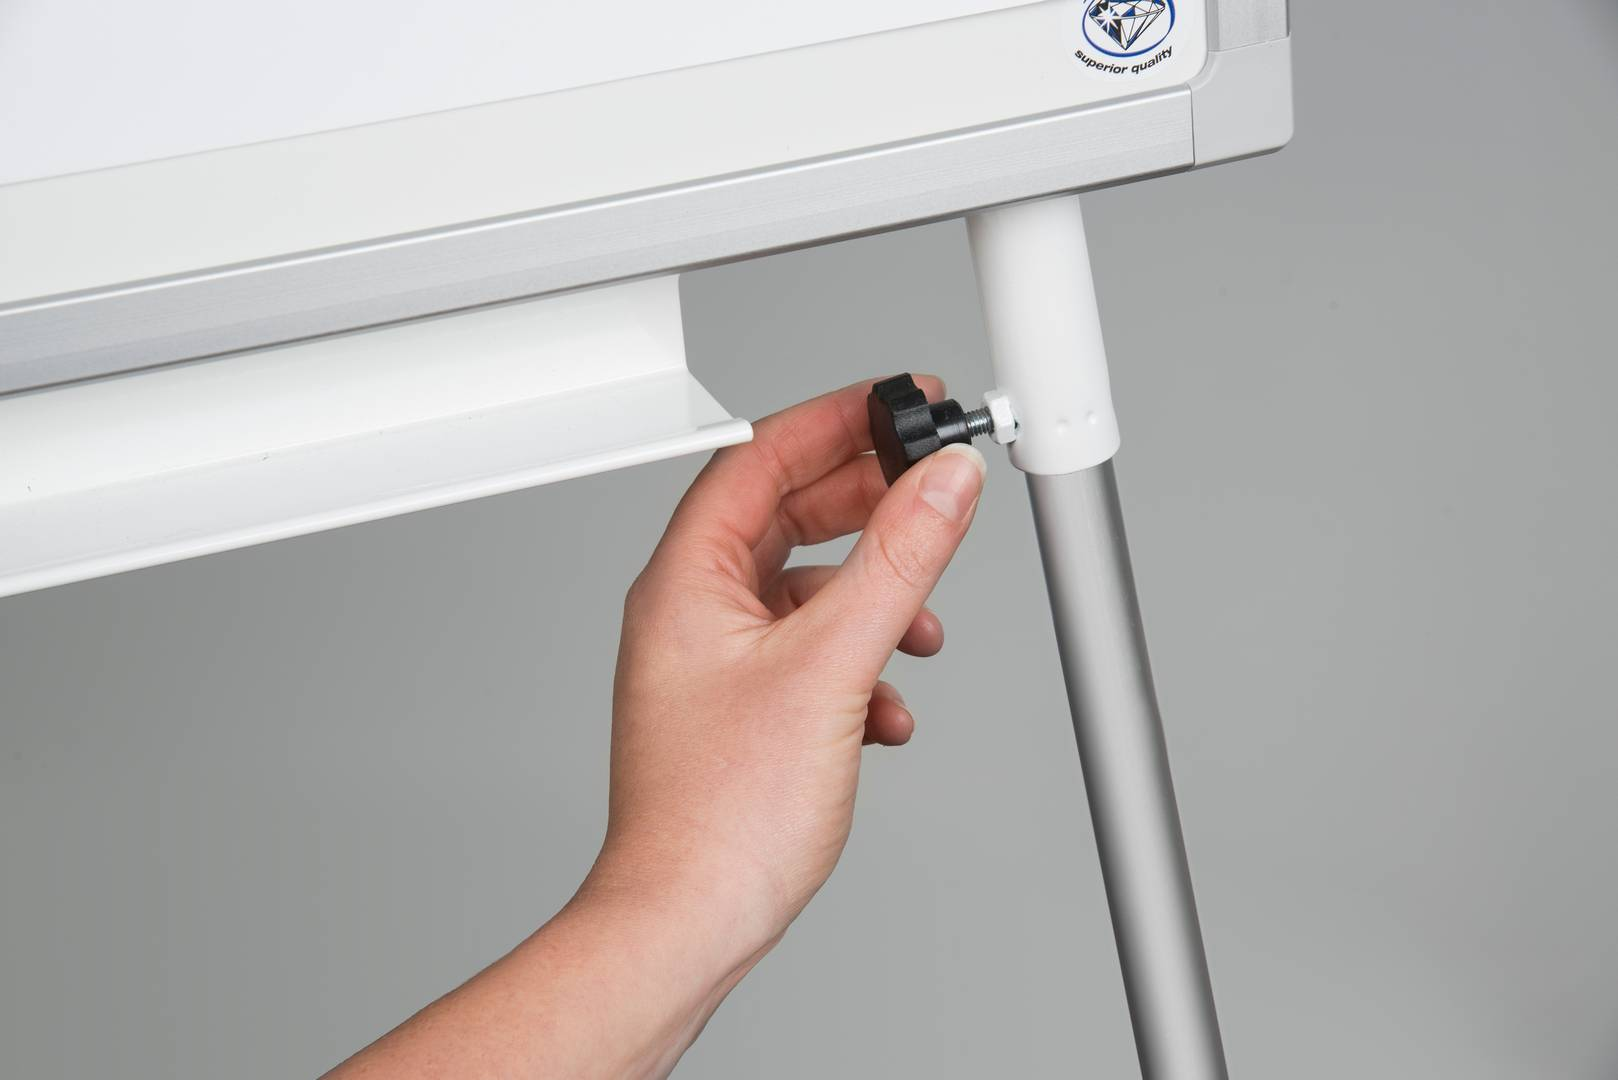 Flipchart PROFESSIONAL trojnožka, 107x71 cm, keramický